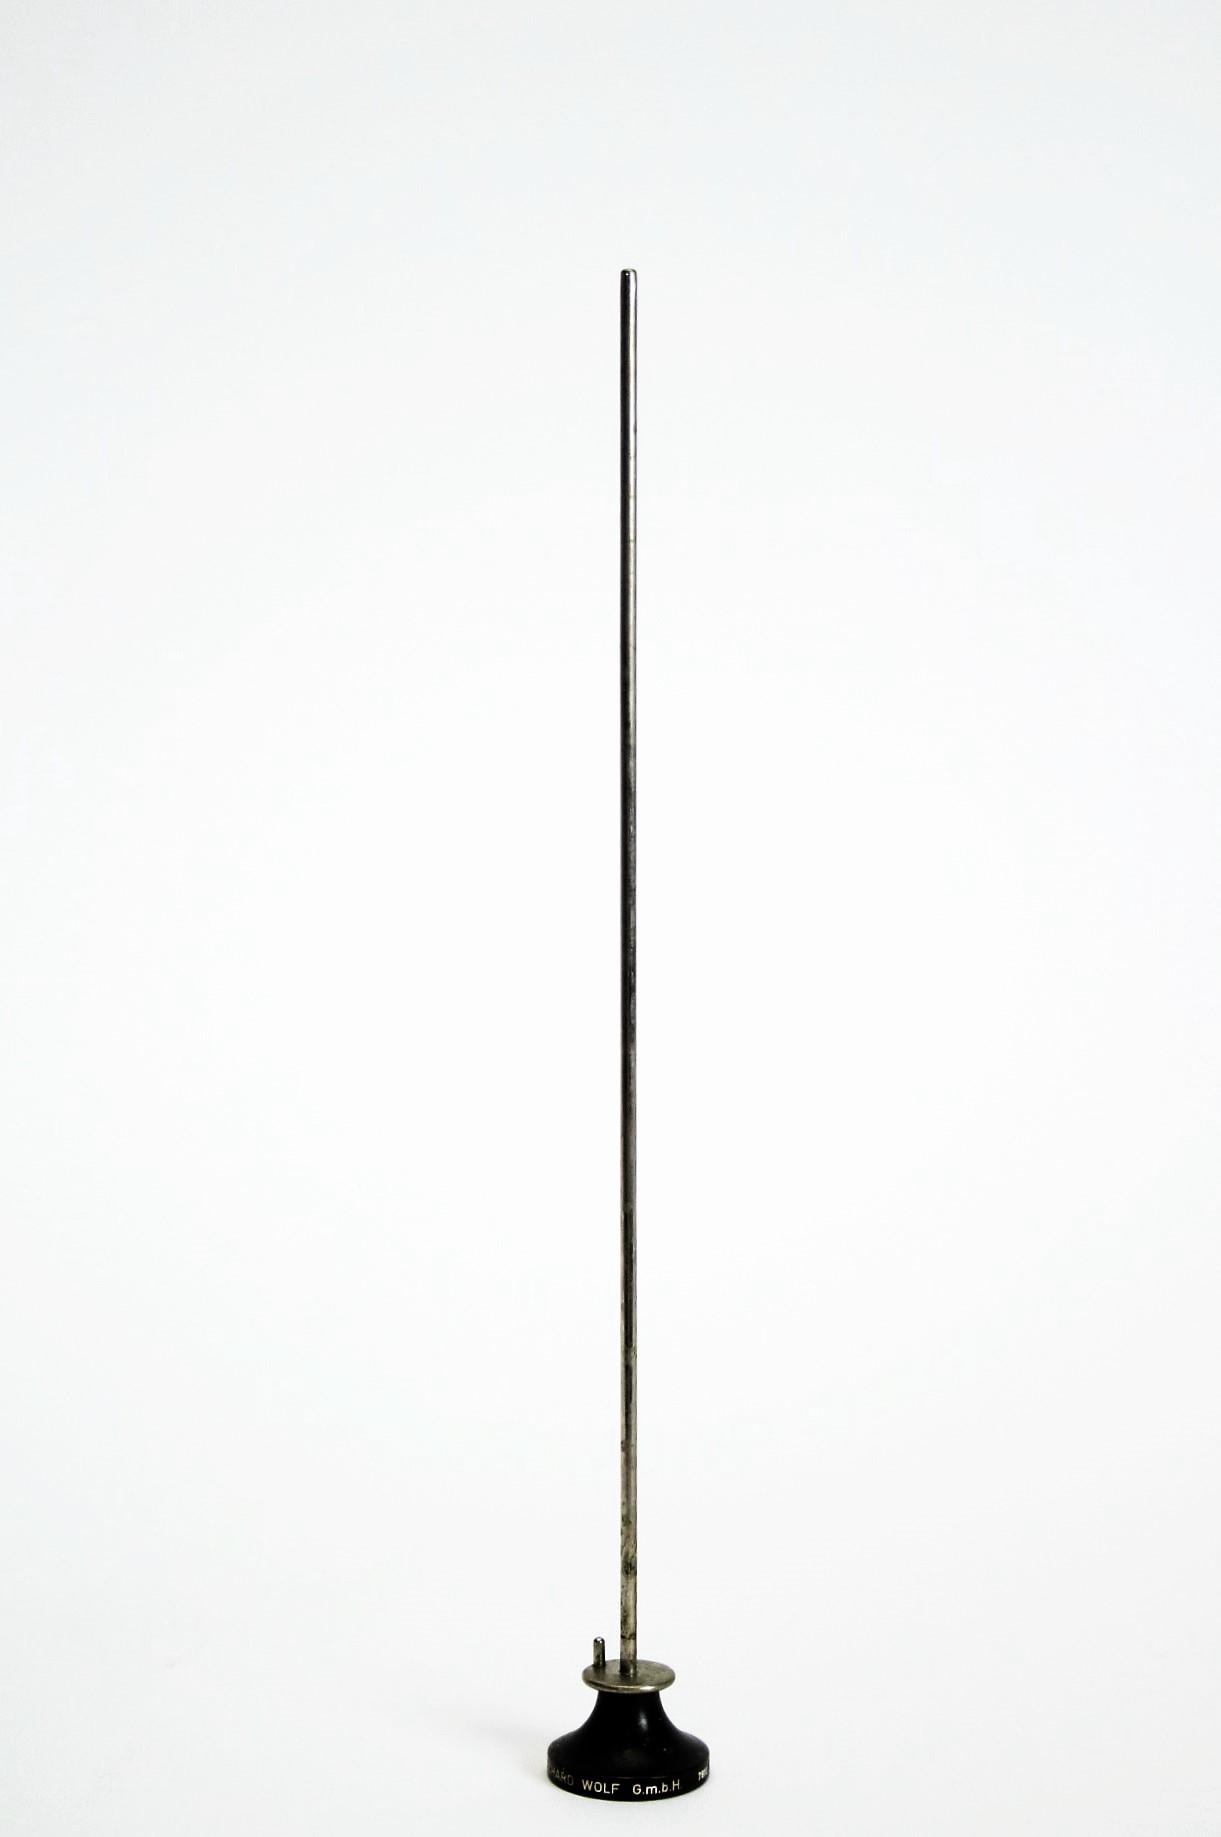 cistoscopio, per cistouretroscopia di ,  (seconda metà Sec. XX)